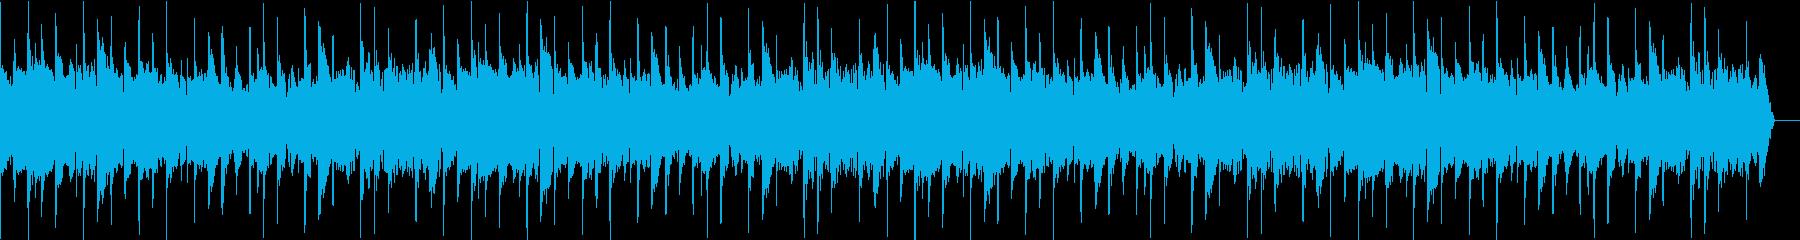 感動の回想シーンを演出するエレキギターの再生済みの波形